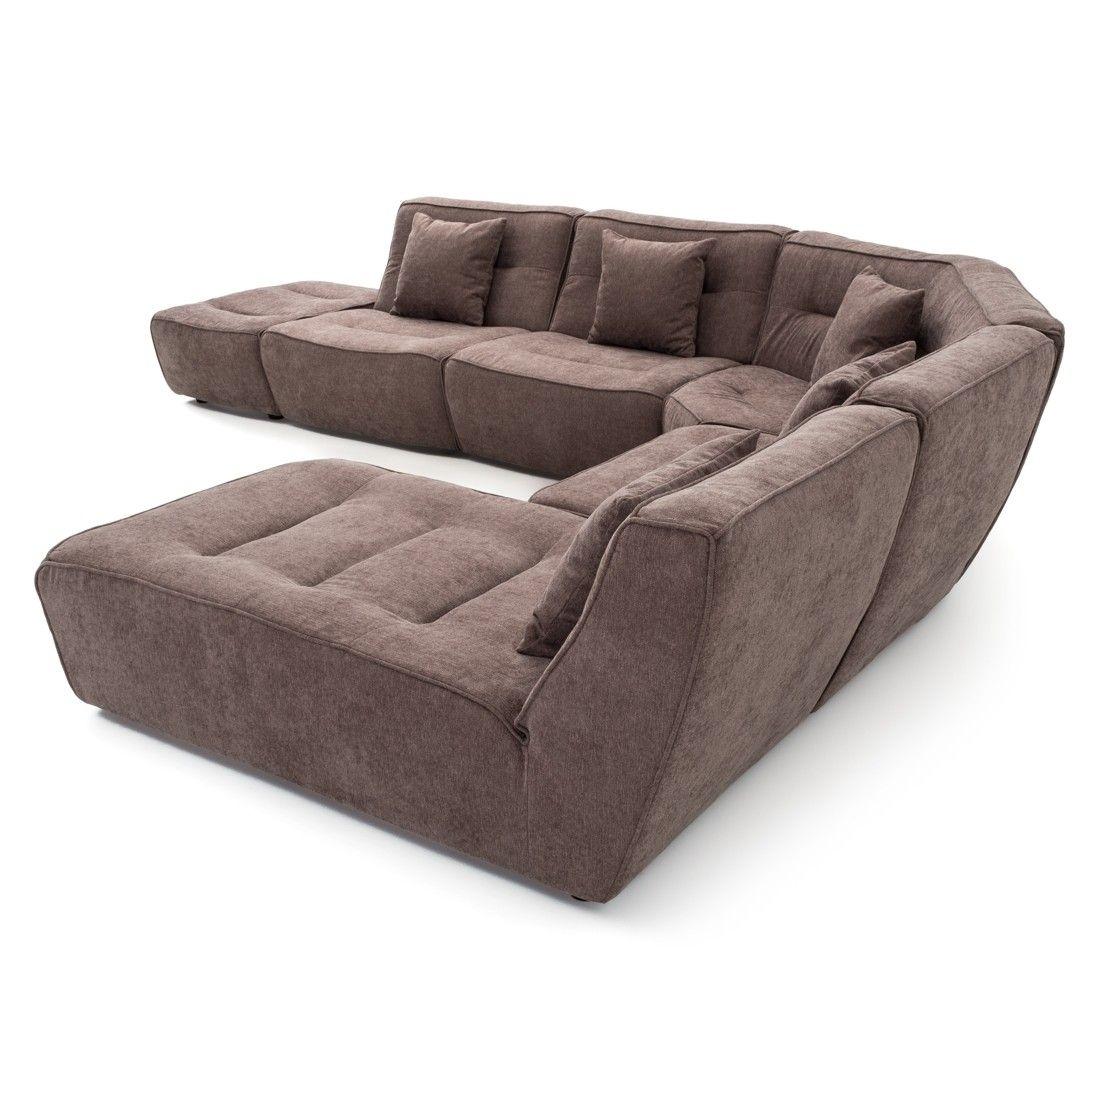 Sectionals – Soots | Mobilia | Sofa | Pinterest | Living Room Sofa In Mobilia Sectional Sofas (View 6 of 10)